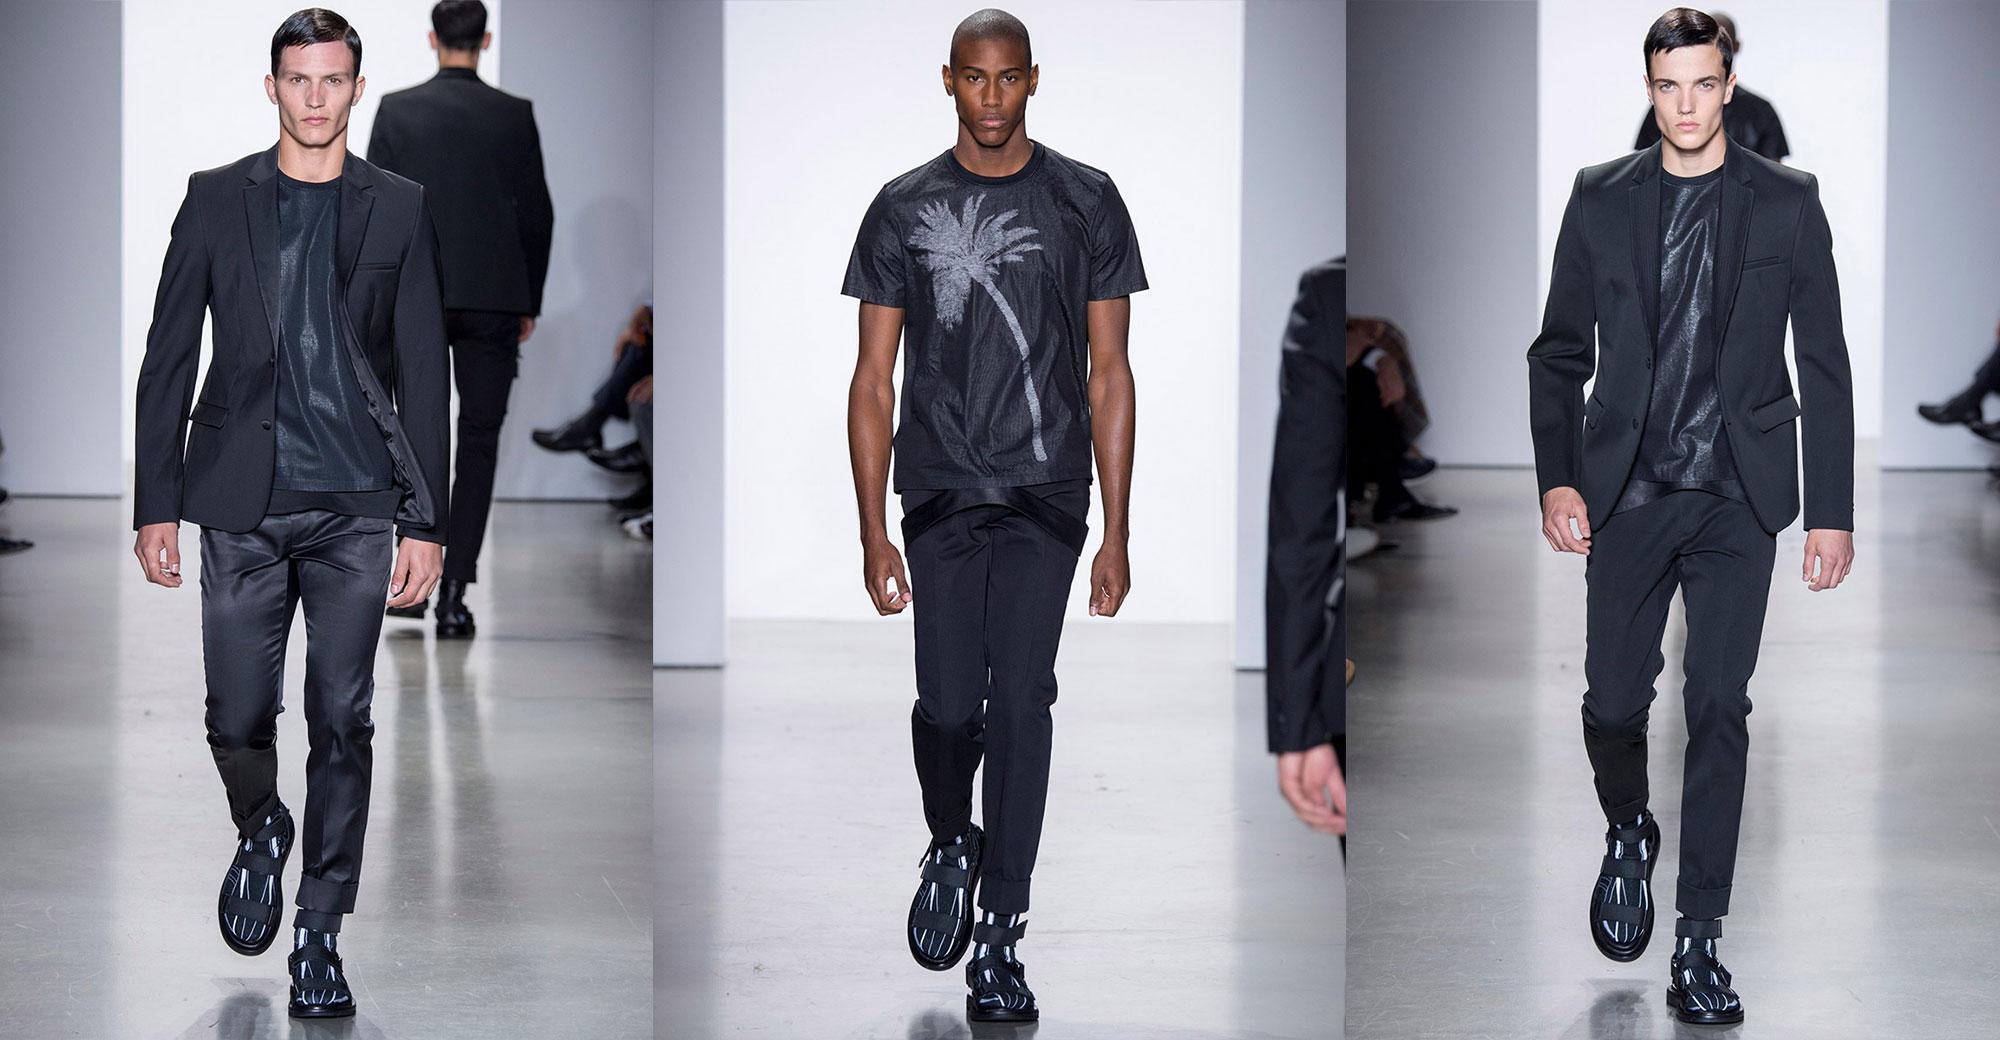 ccf9809bdf Calvin Klein Spring 2016 Menswear Collection